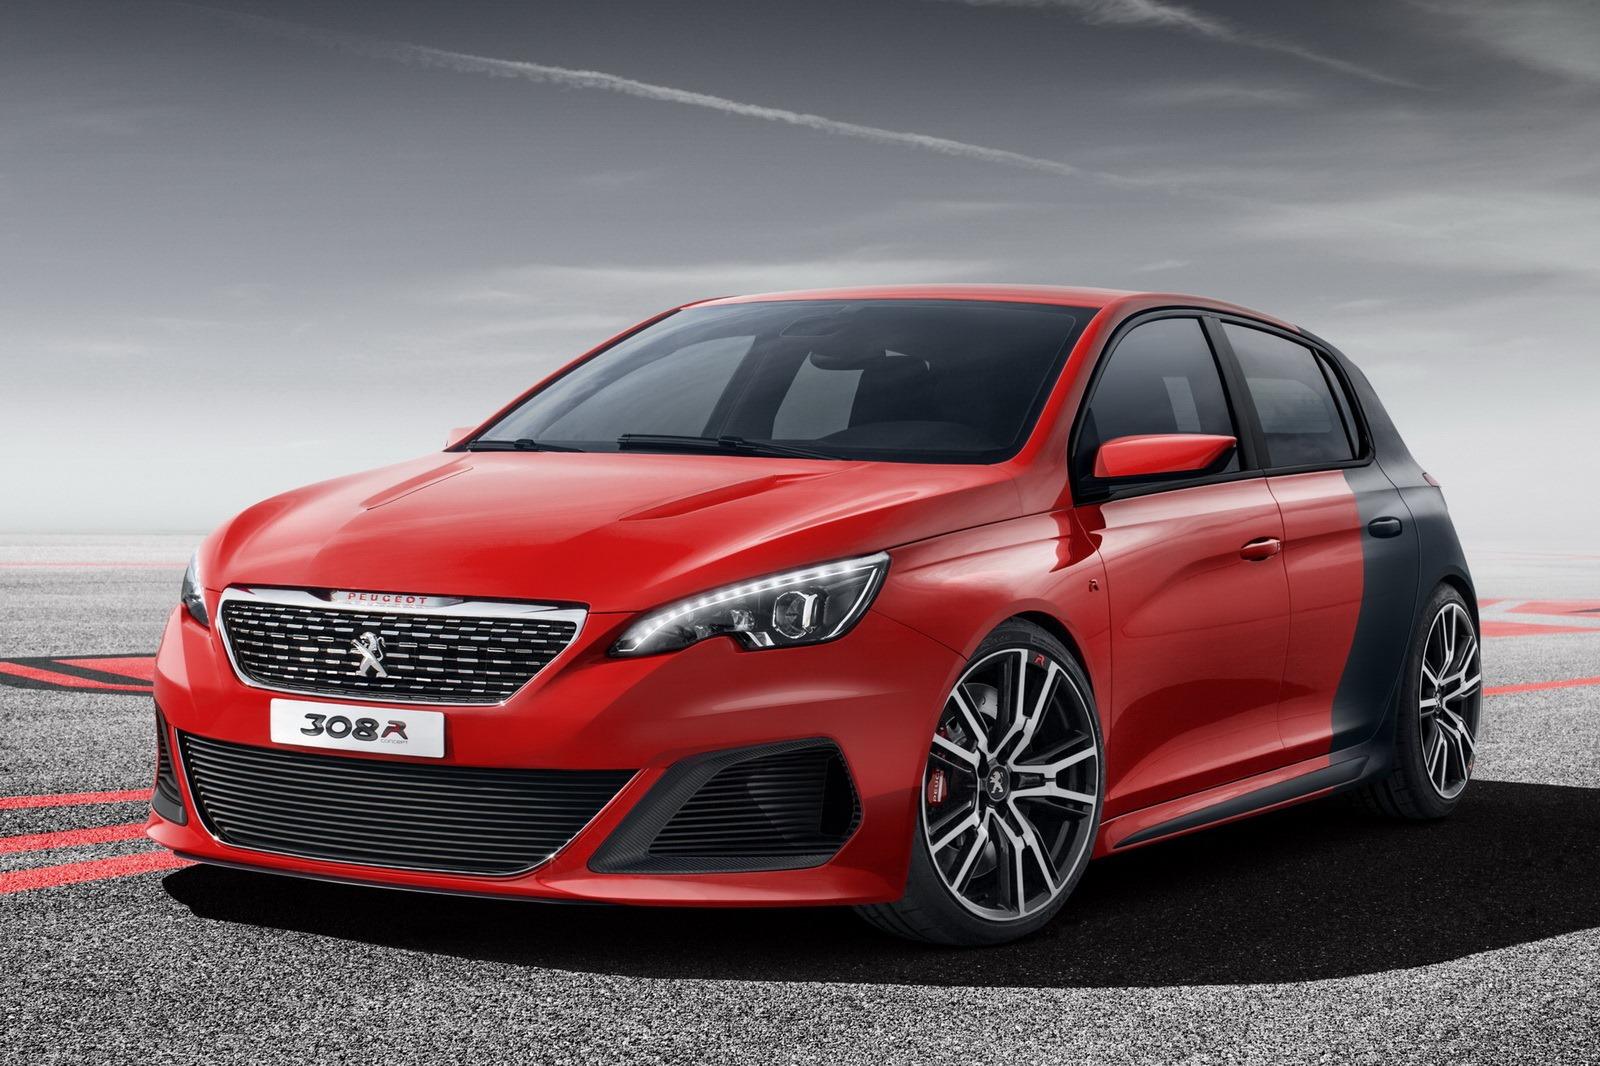 Peugeot-308-R-2%25255B2%25255D.jpg